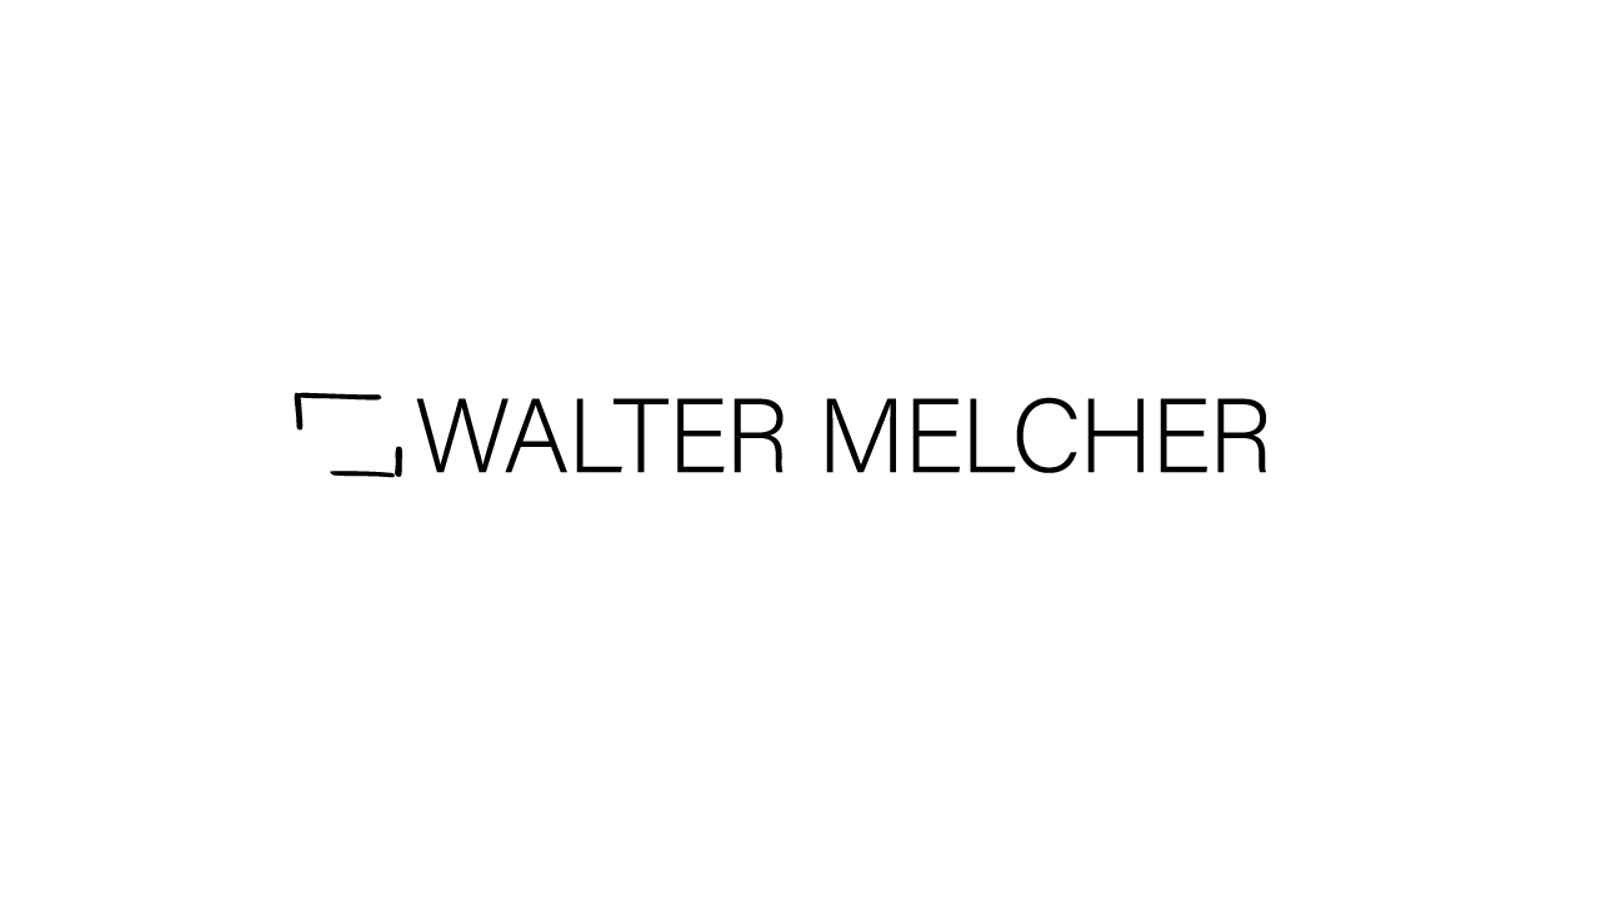 Walter Melcher_1600